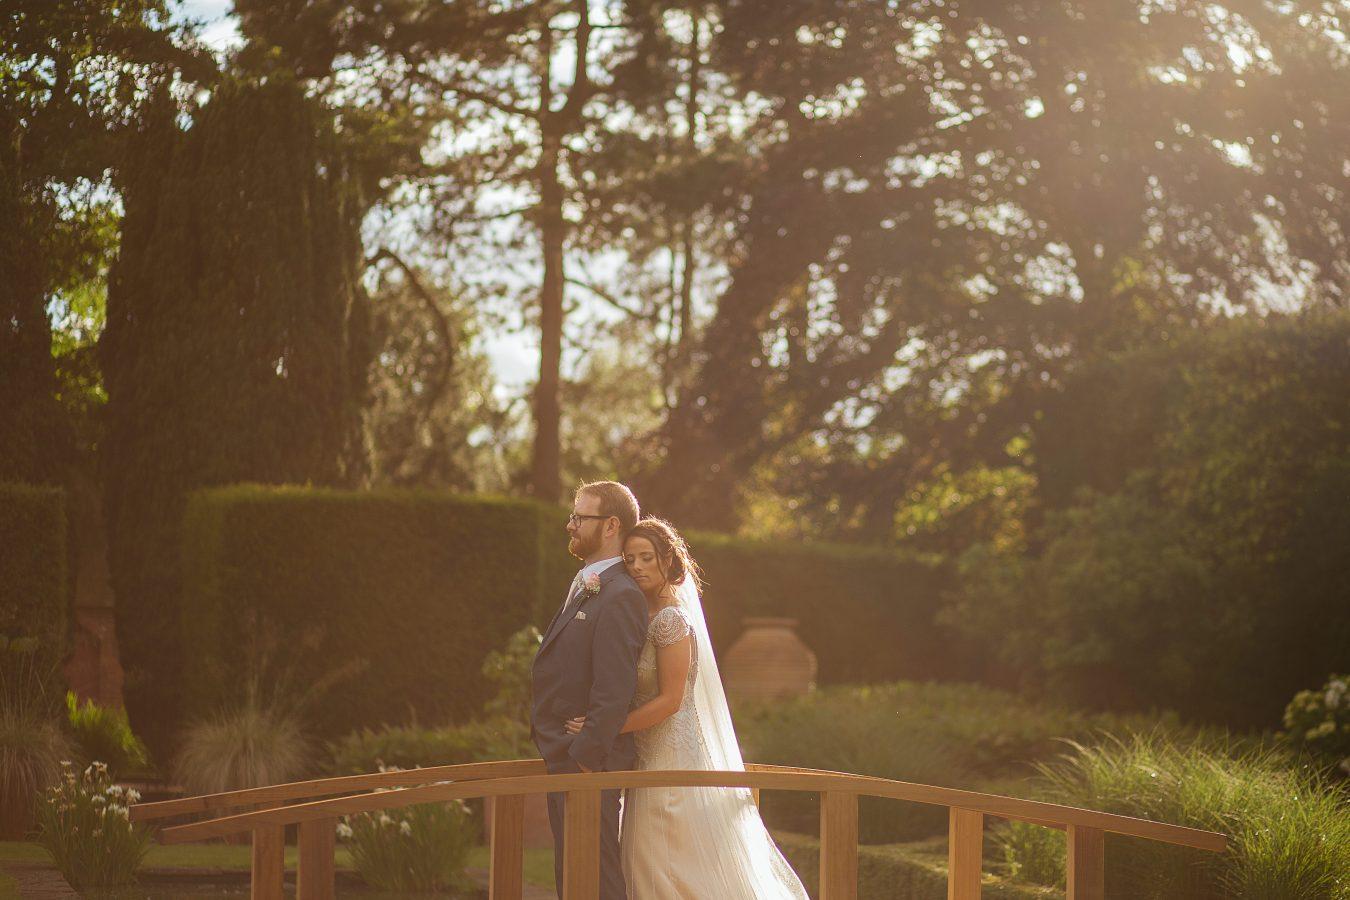 Northumberland-Wedding-Photography-1-4